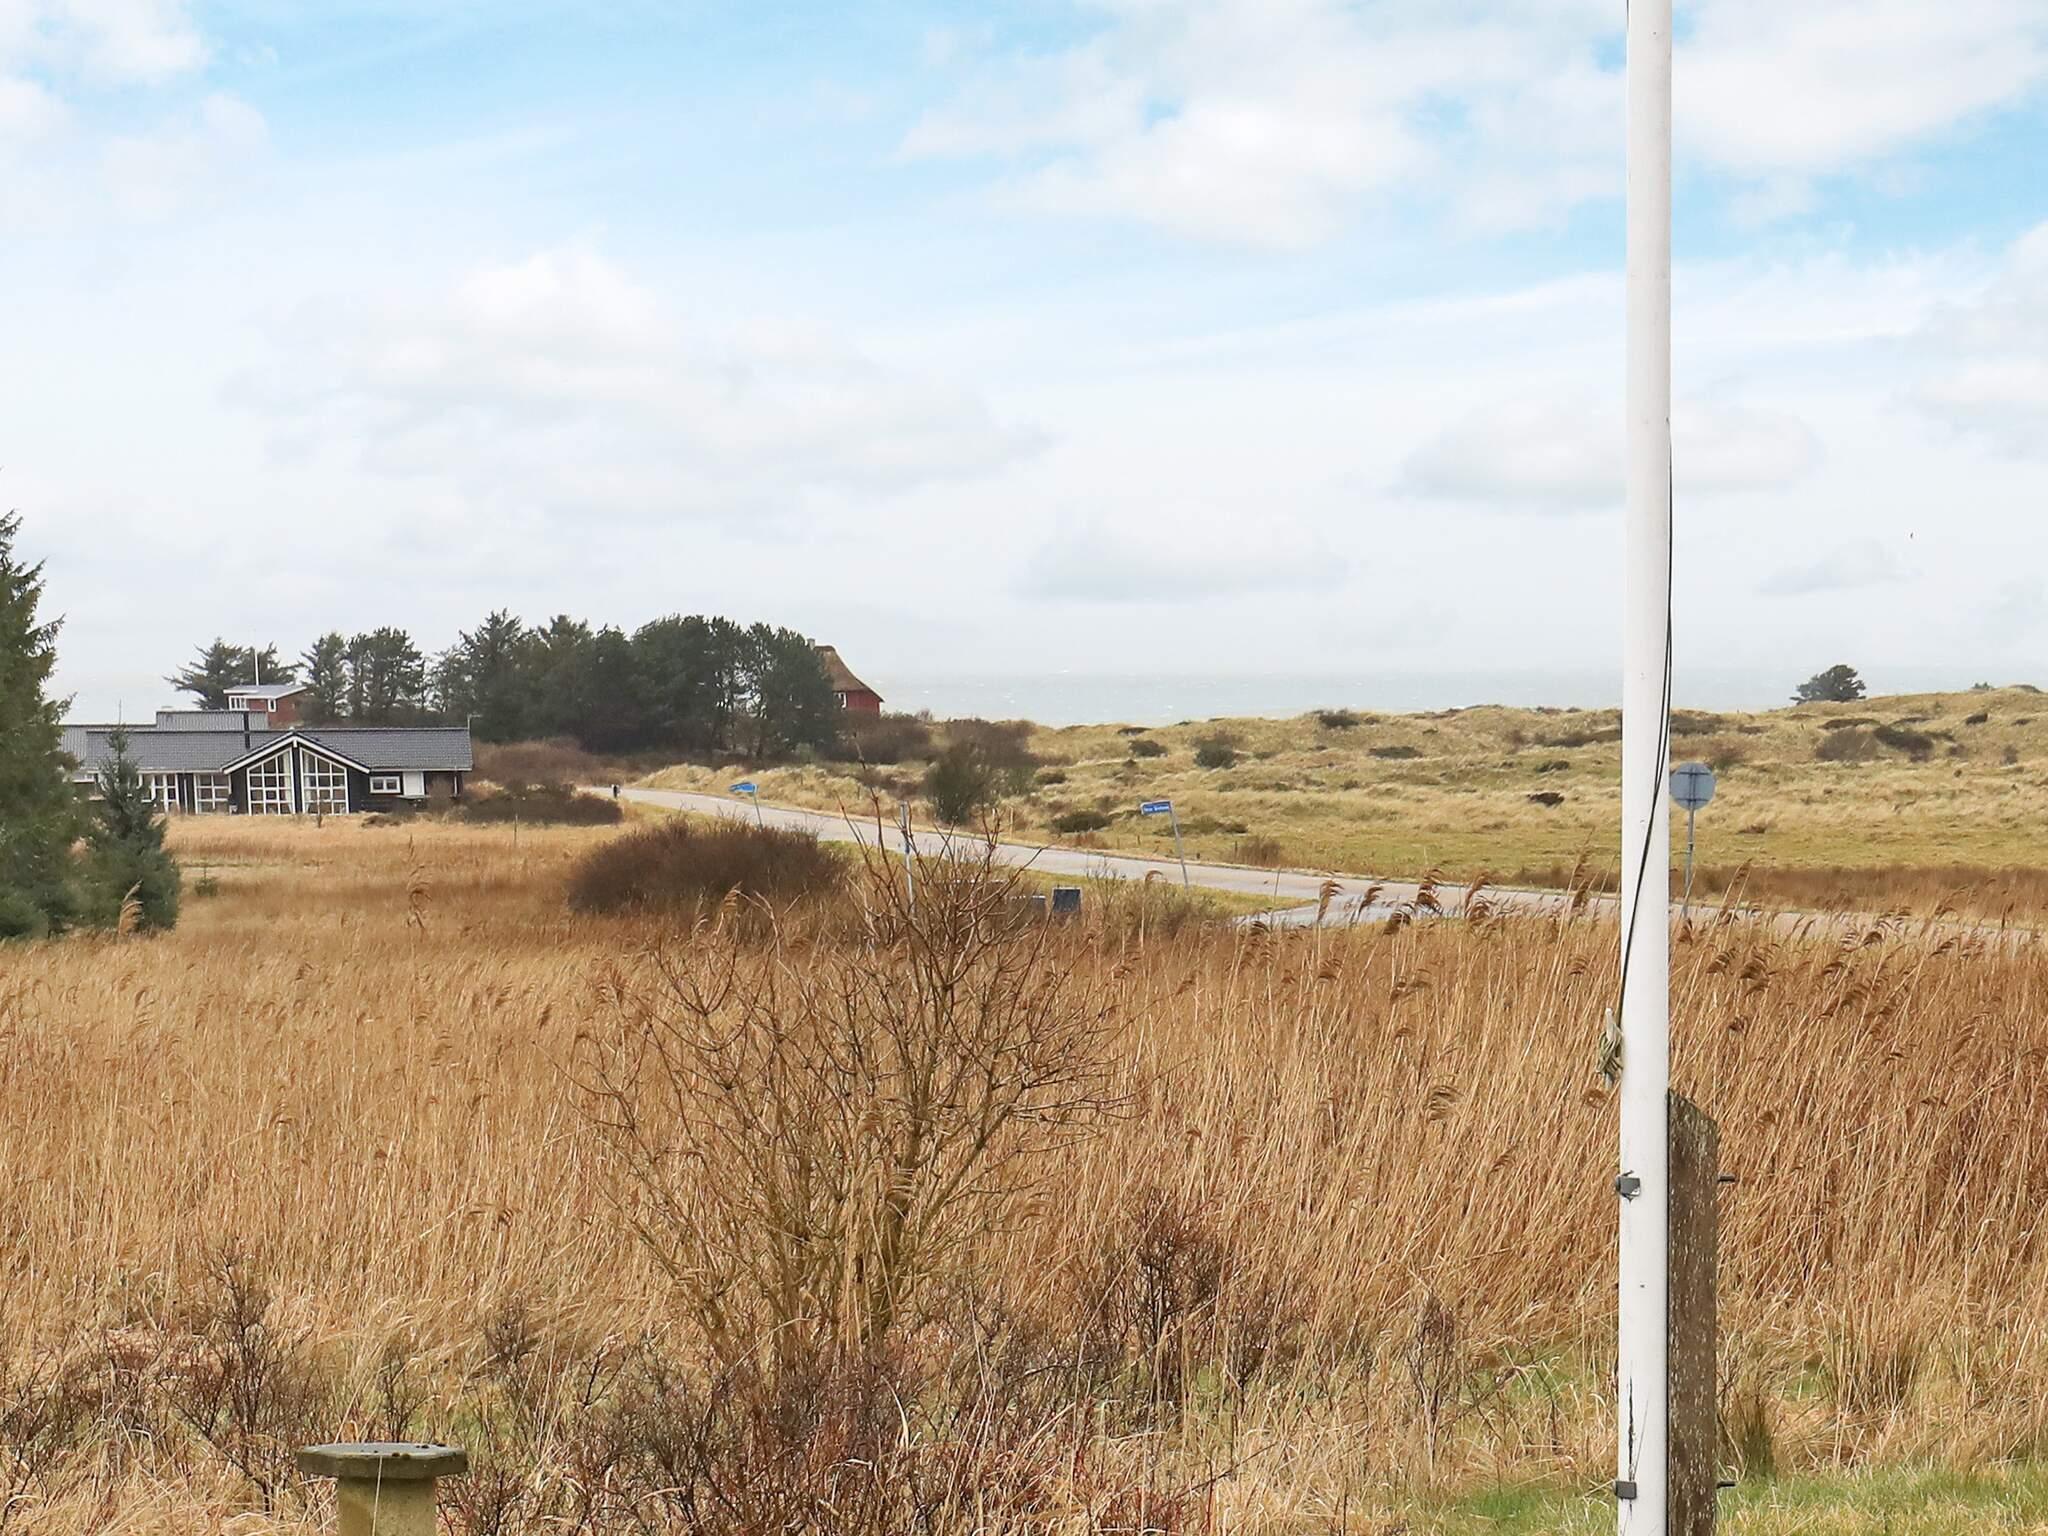 Ferienhaus Kjul Strand (2595175), Hirtshals, , Nordwestjütland, Dänemark, Bild 14